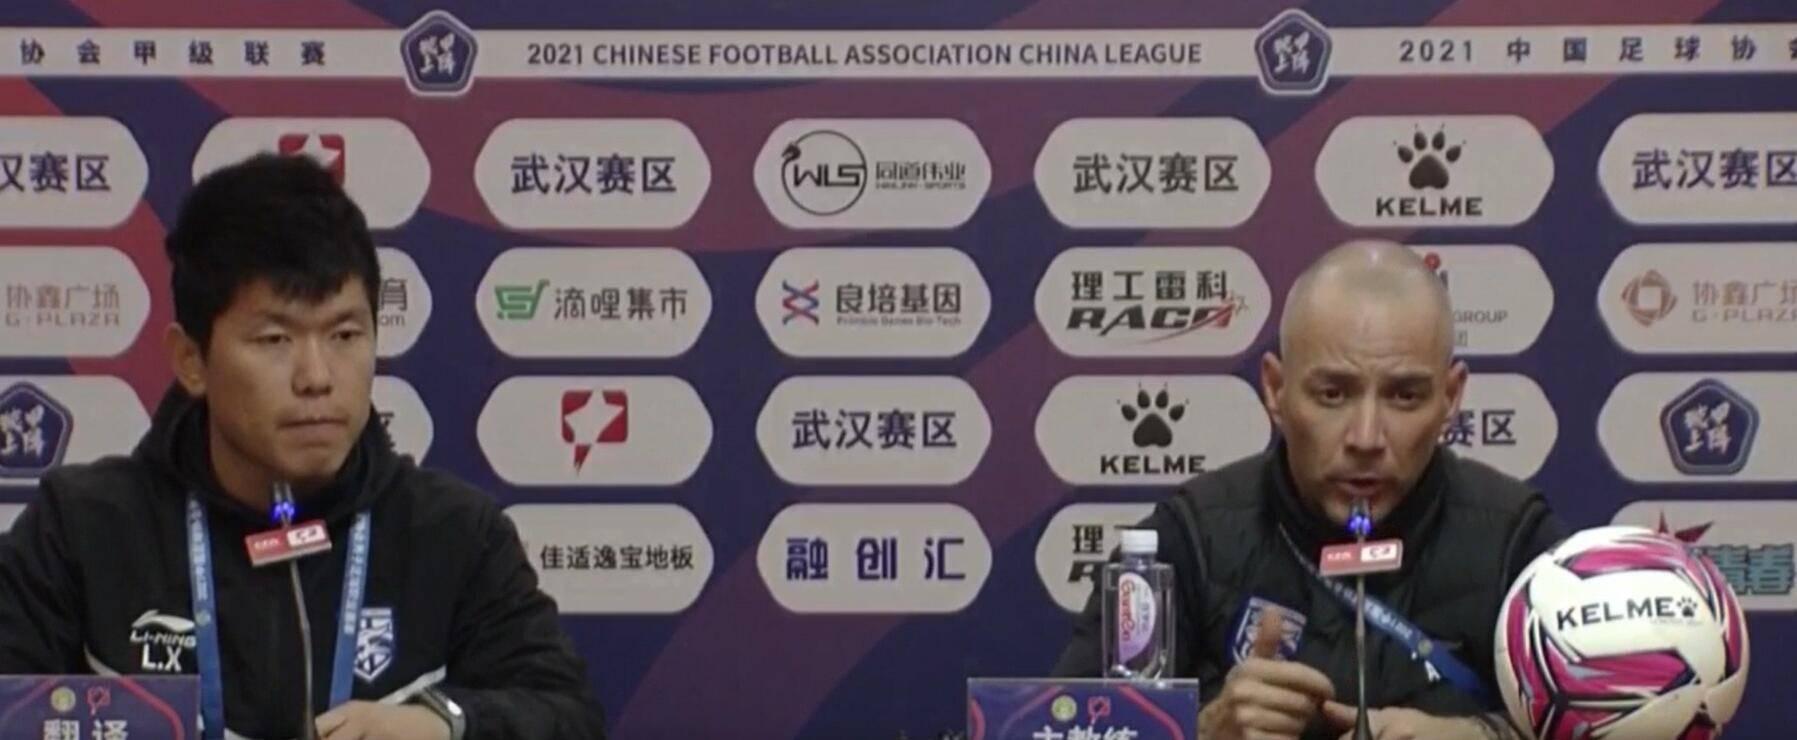 阿尔贝托:从联赛开始到今天对三镇队员感到骄傲,付出了很多努力